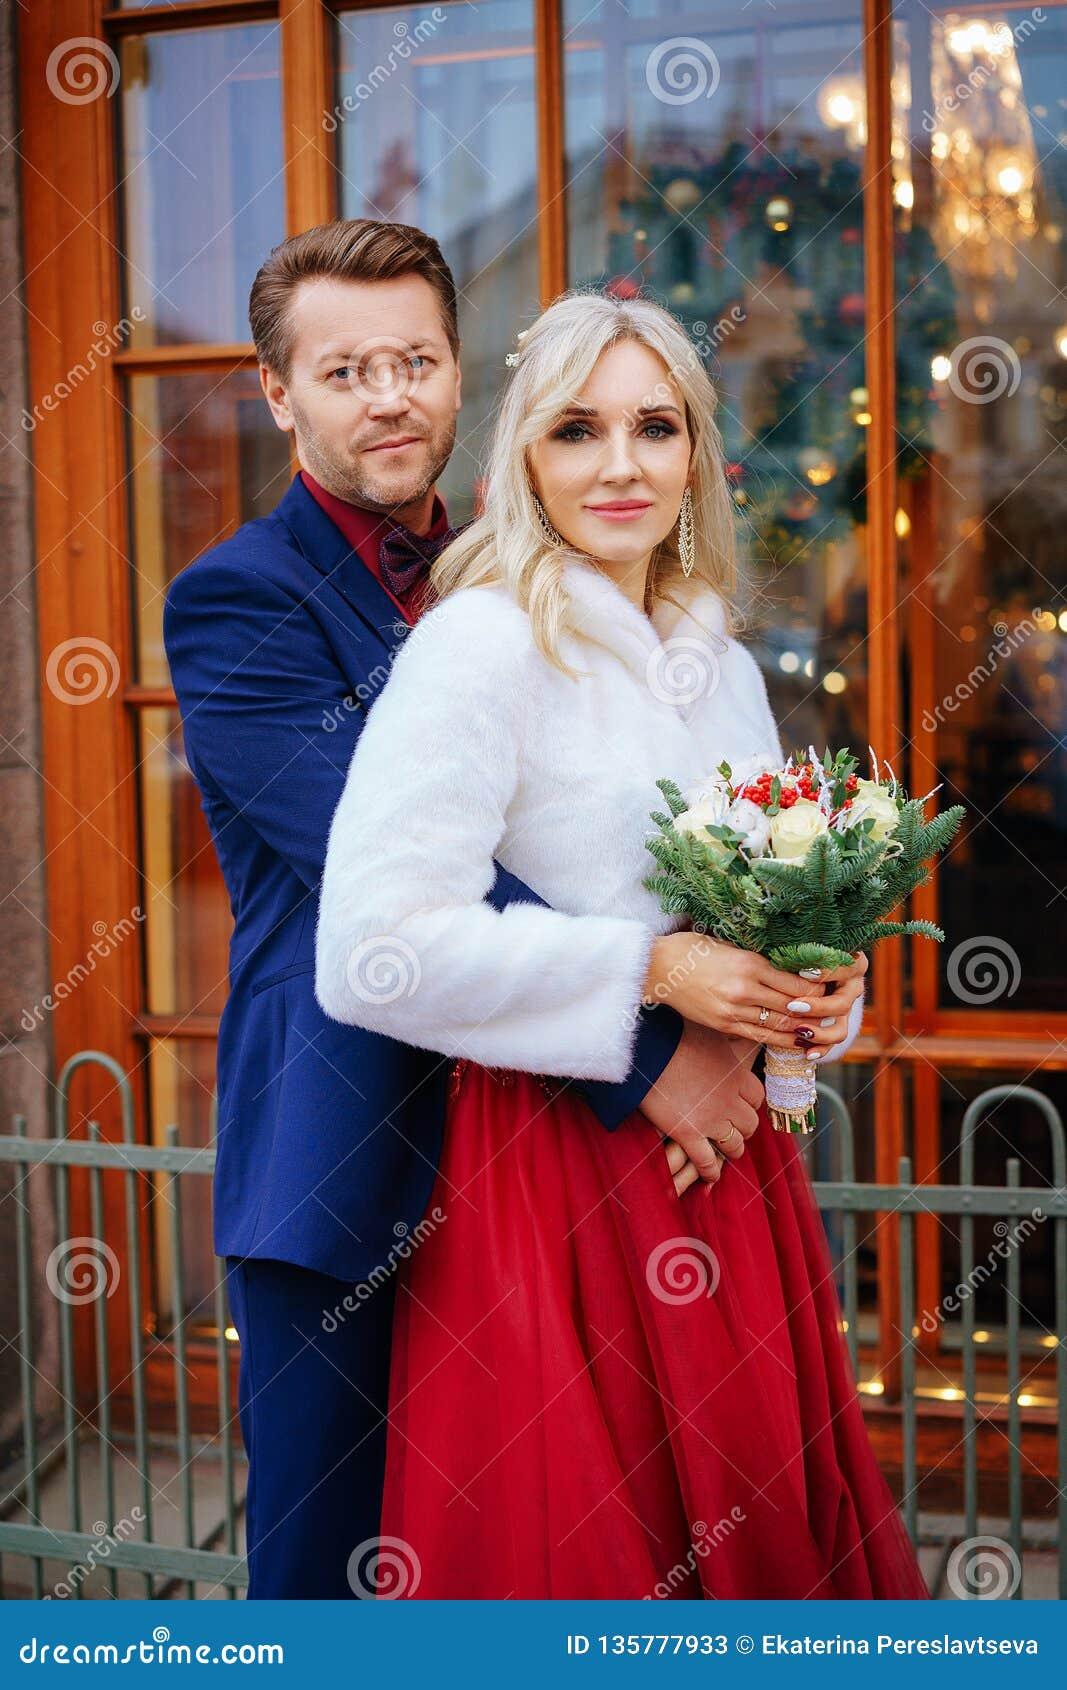 Красивая женщина в красном платье стоит с человеком, женихом и невеста, счастливыми новобрачными